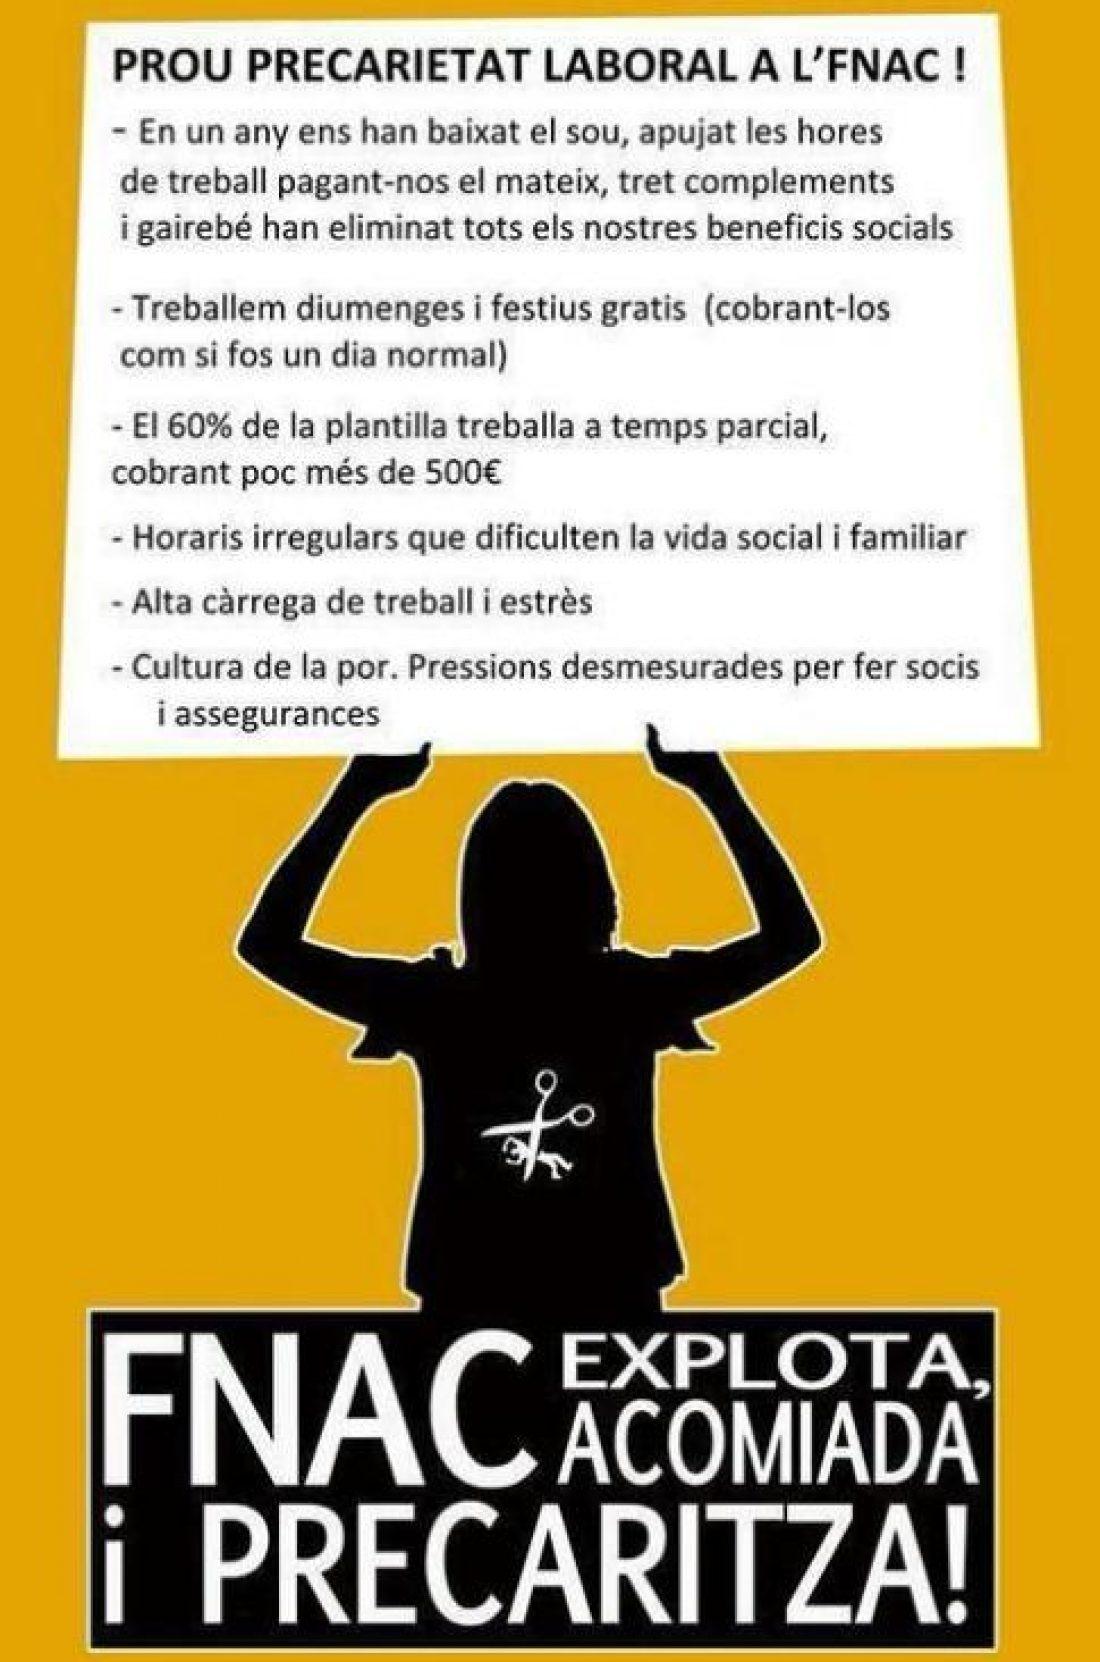 FNAC huelga 23A, día del libro